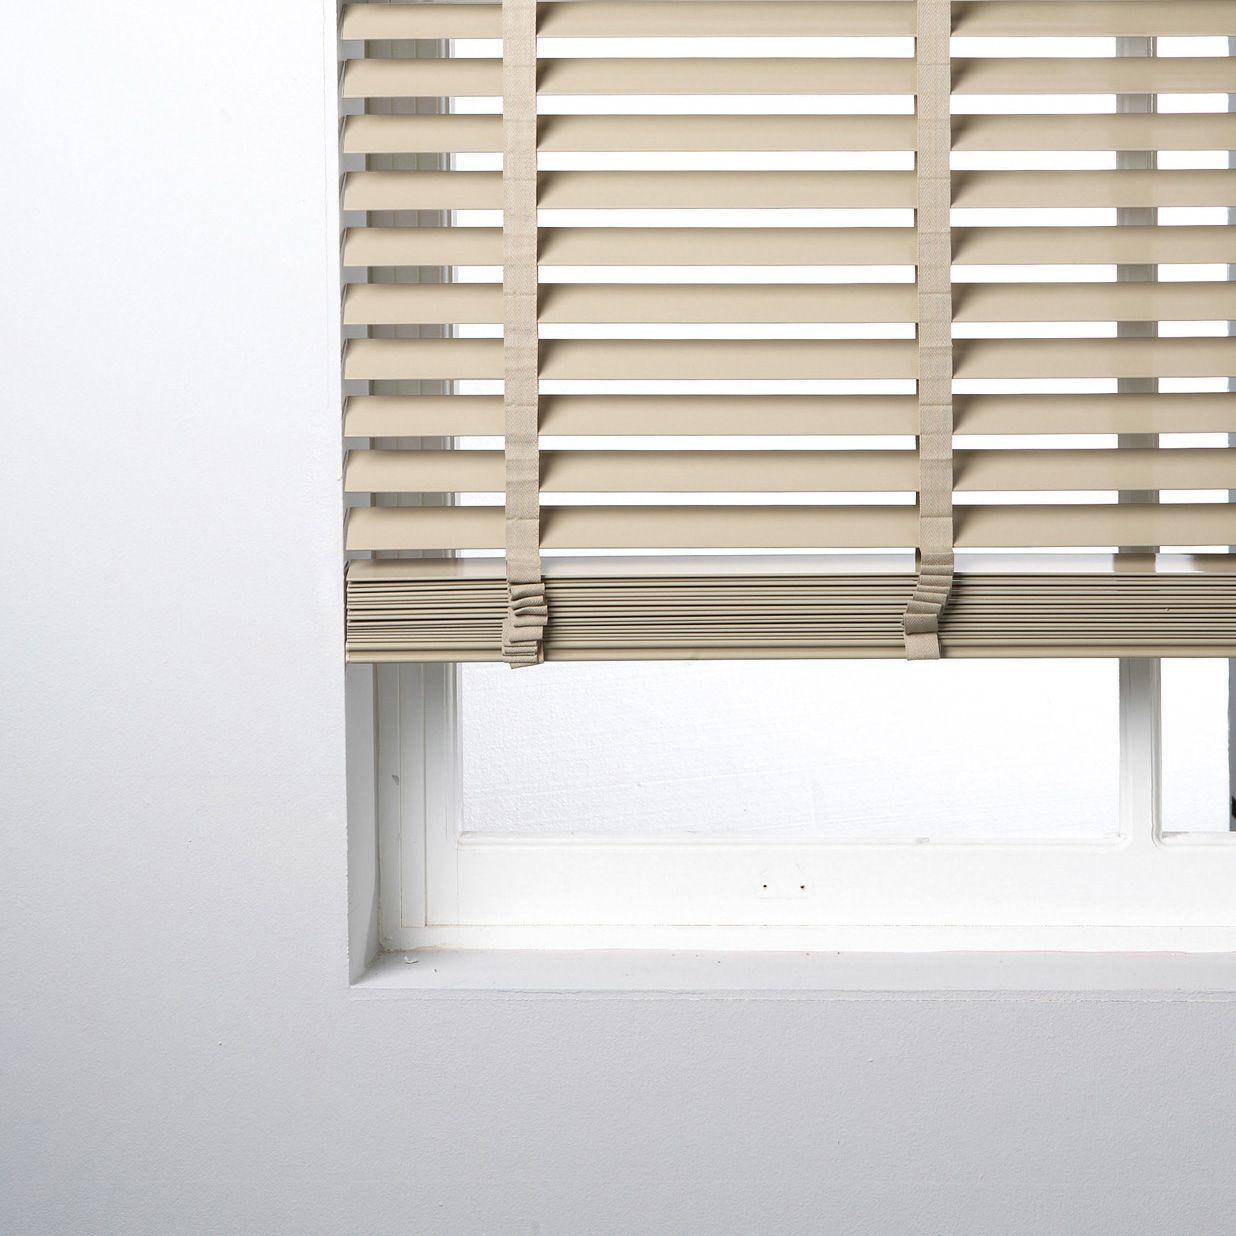 Bathroom Window Blinds B&Q colours silvia seine venetian blind (w)180 cm (l)180 cm